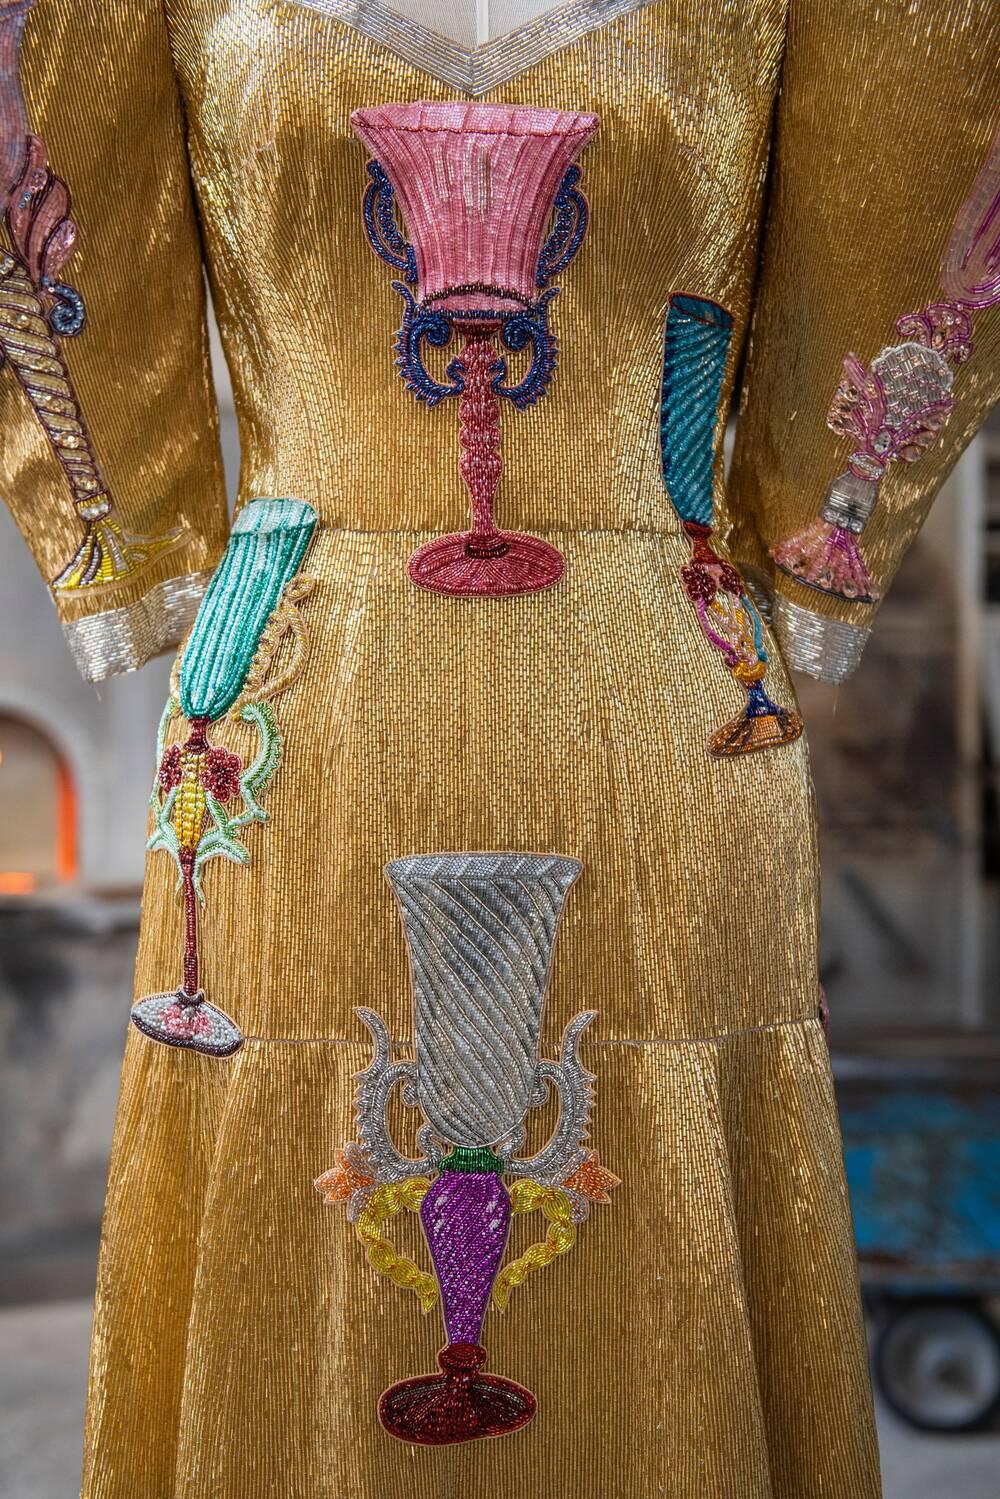 Thiết kế váy sequin Dolce & gabbana